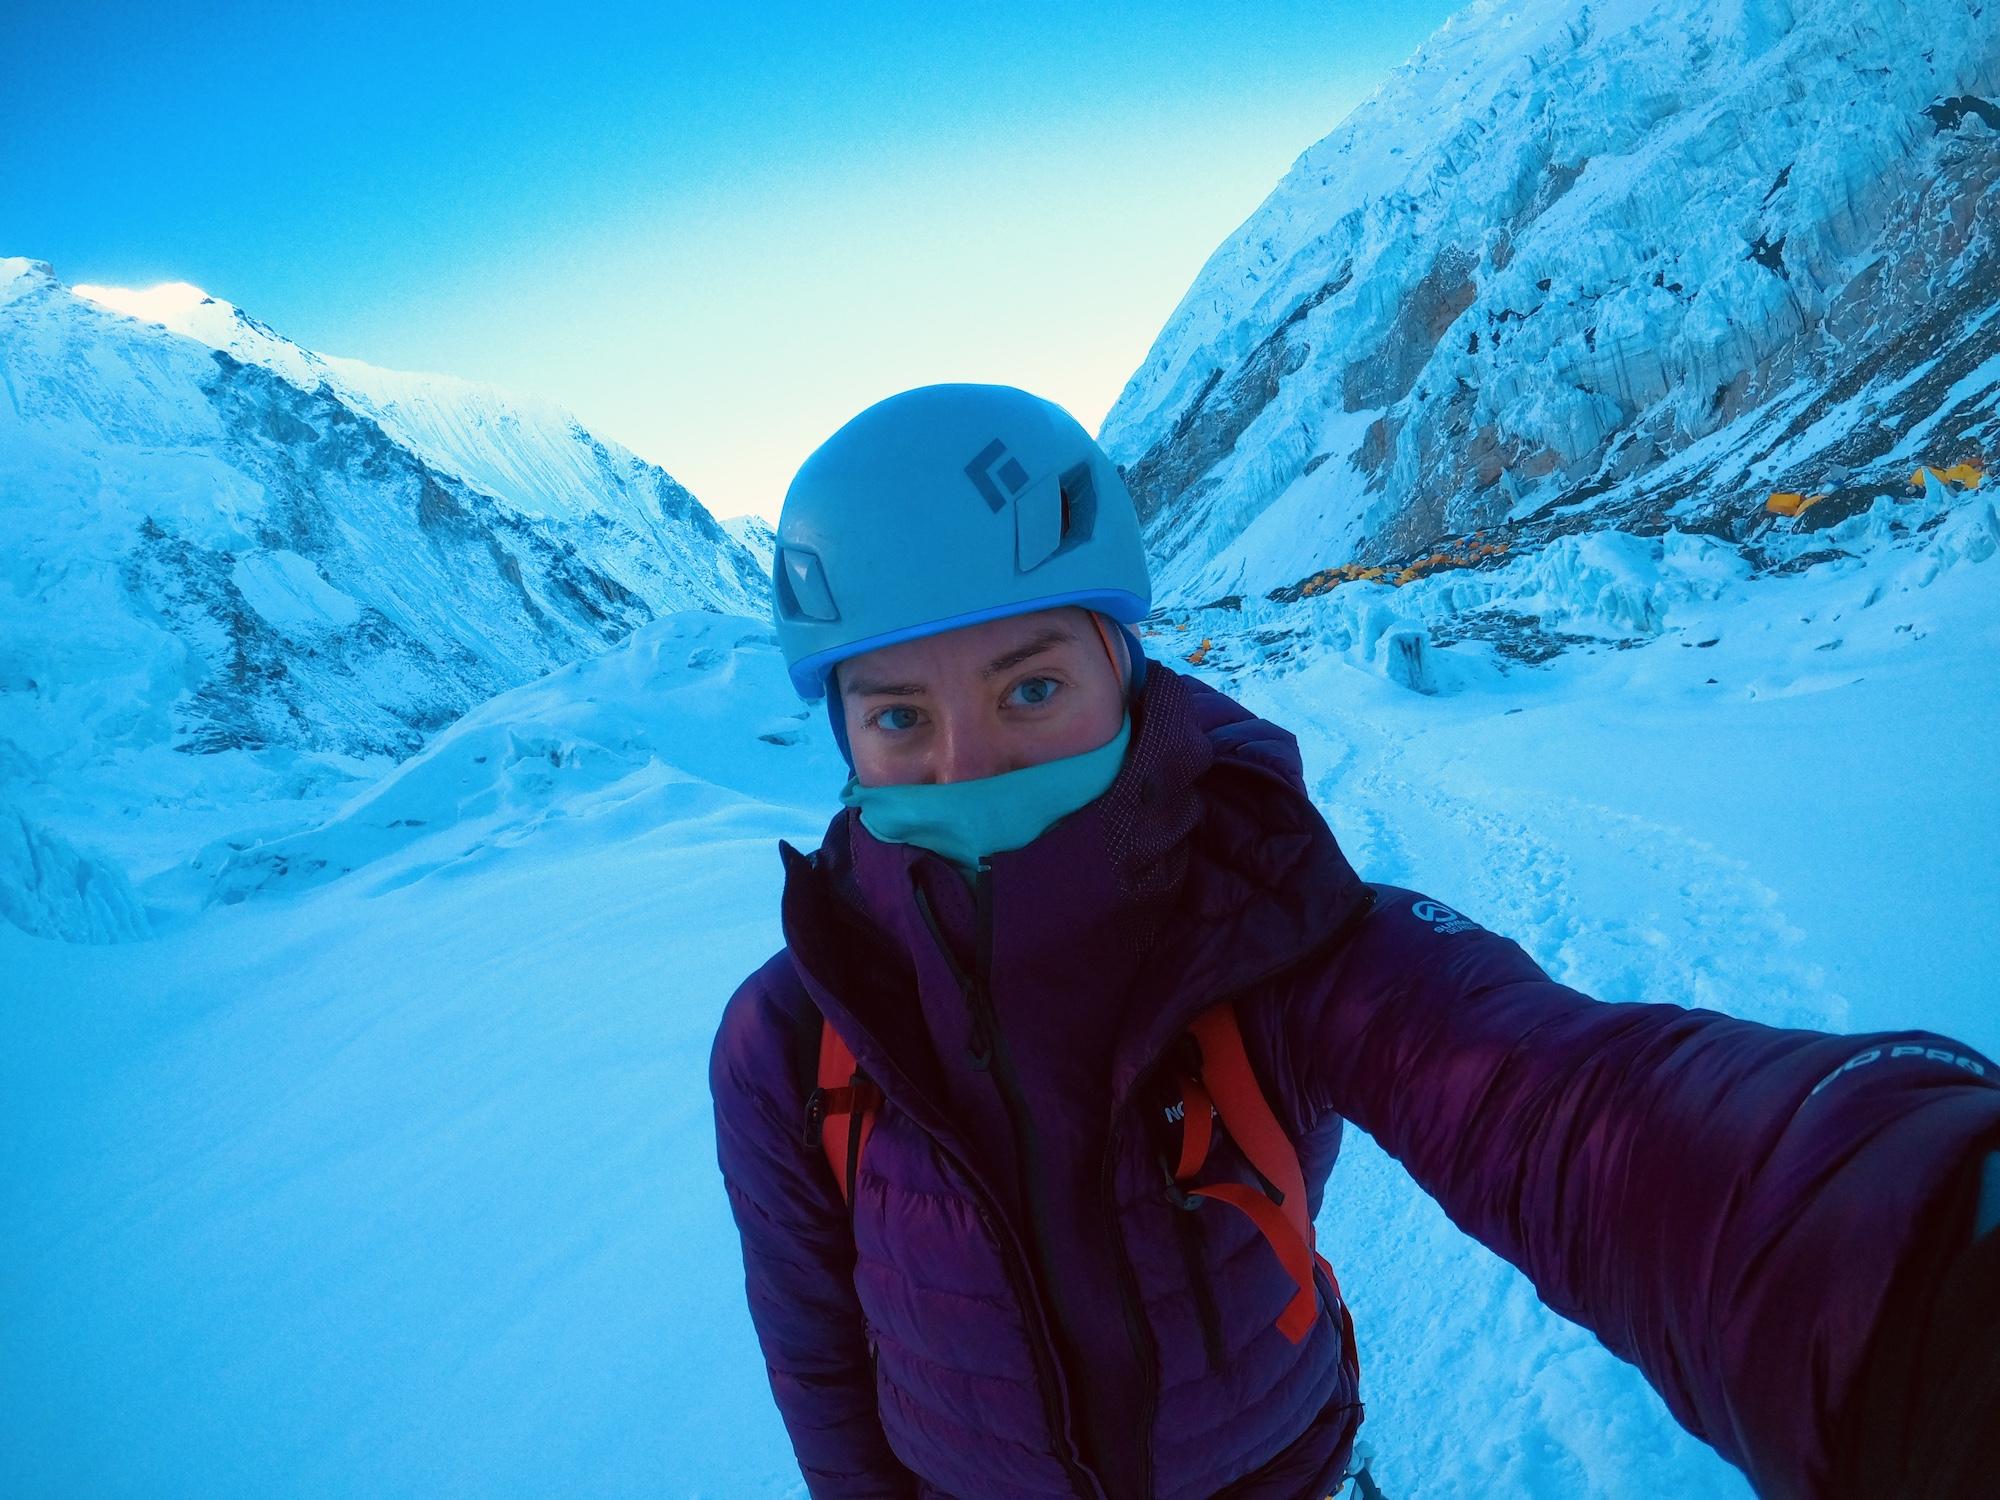 Everest ruuhka, yksin